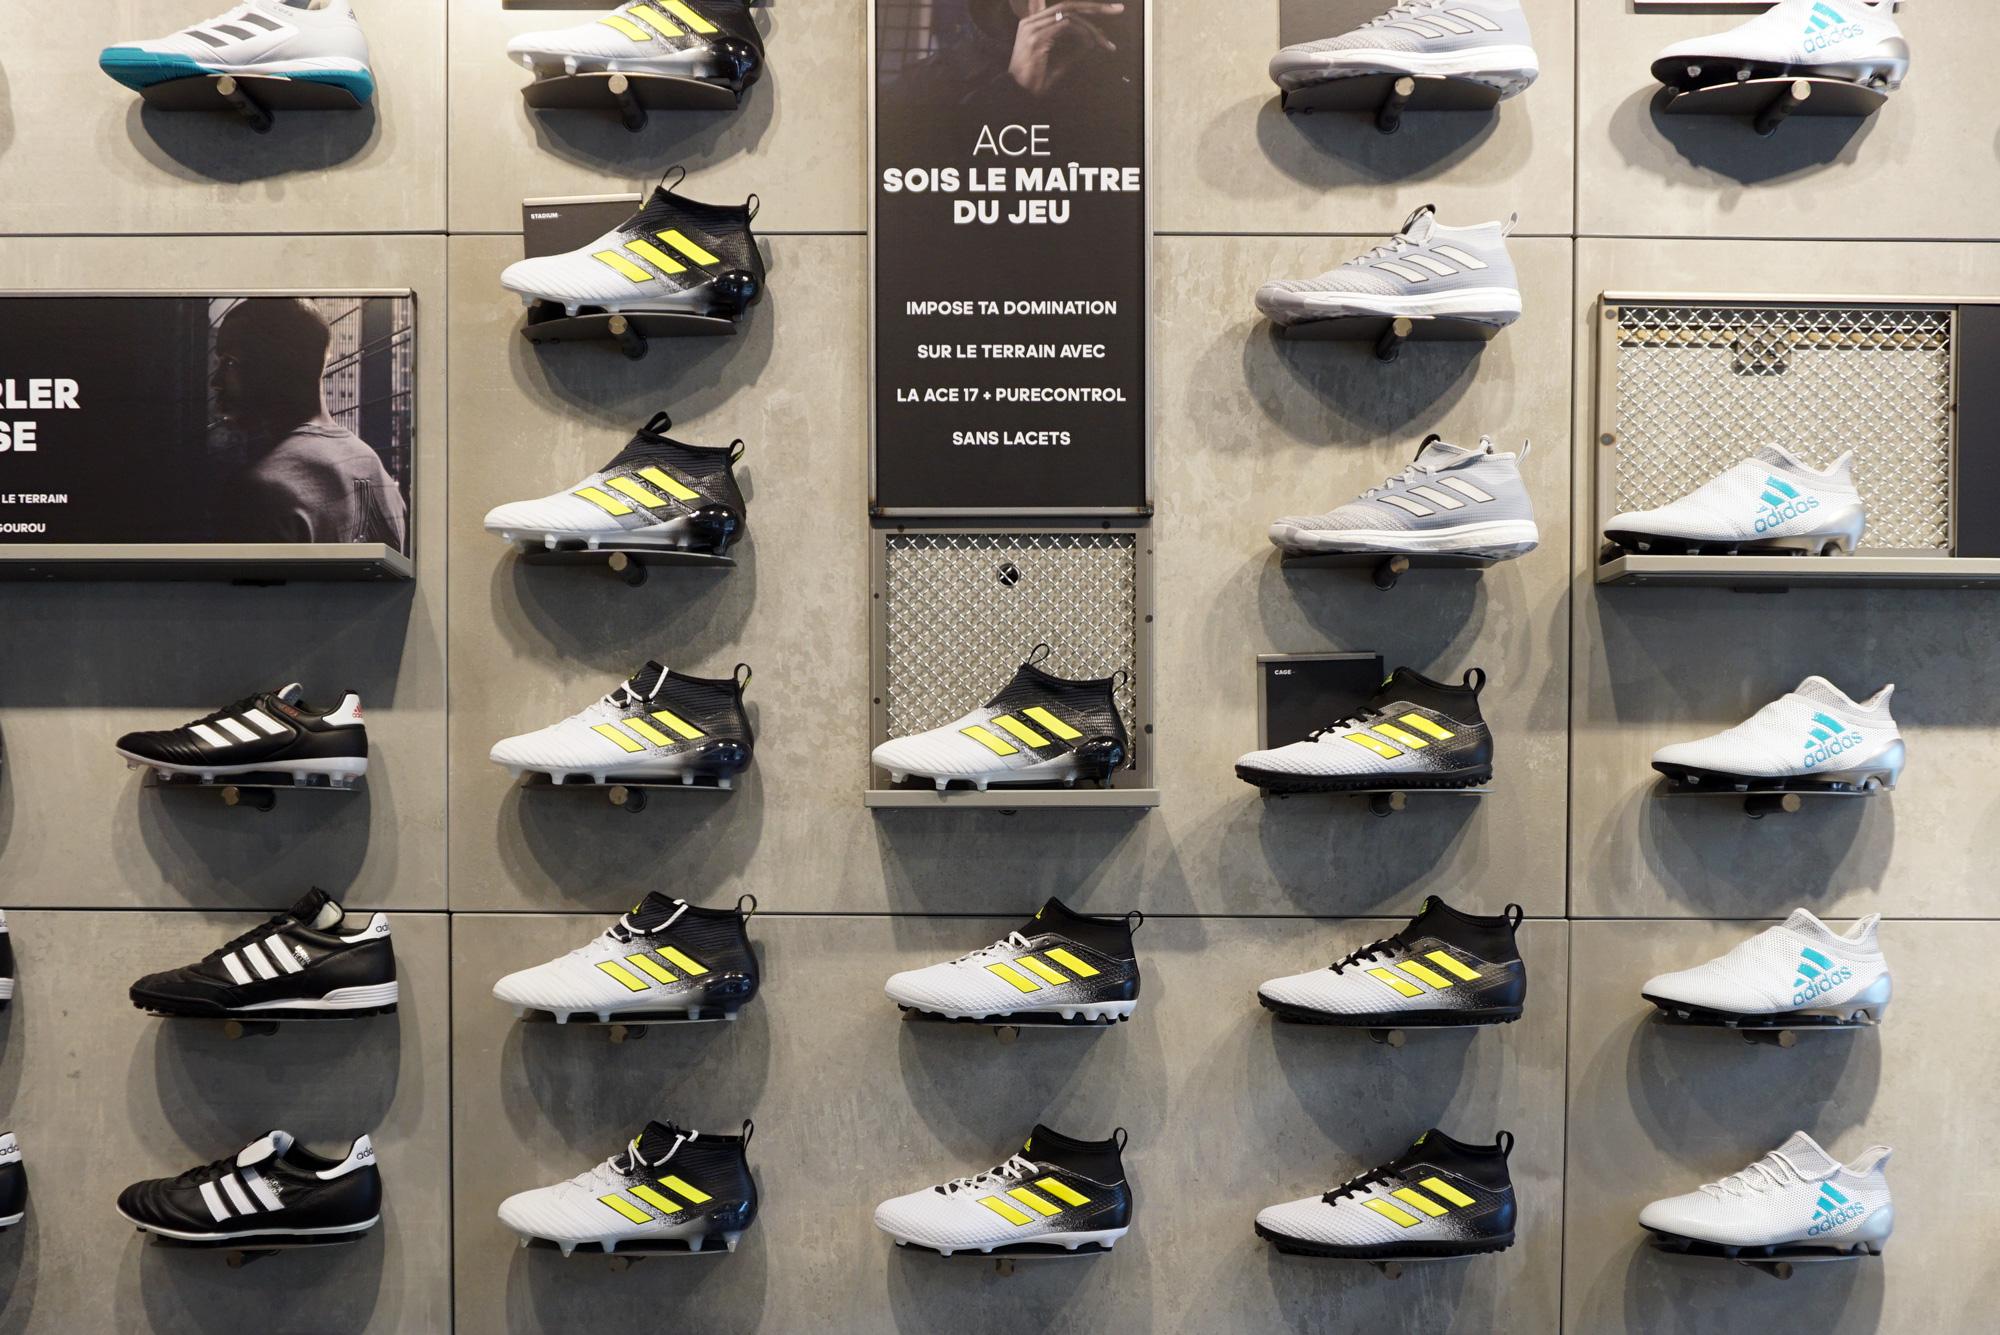 Visité Le Nouveau J'ai Adidas Clichés À Store Mes Football ParisVoici EoQrdCBWxe